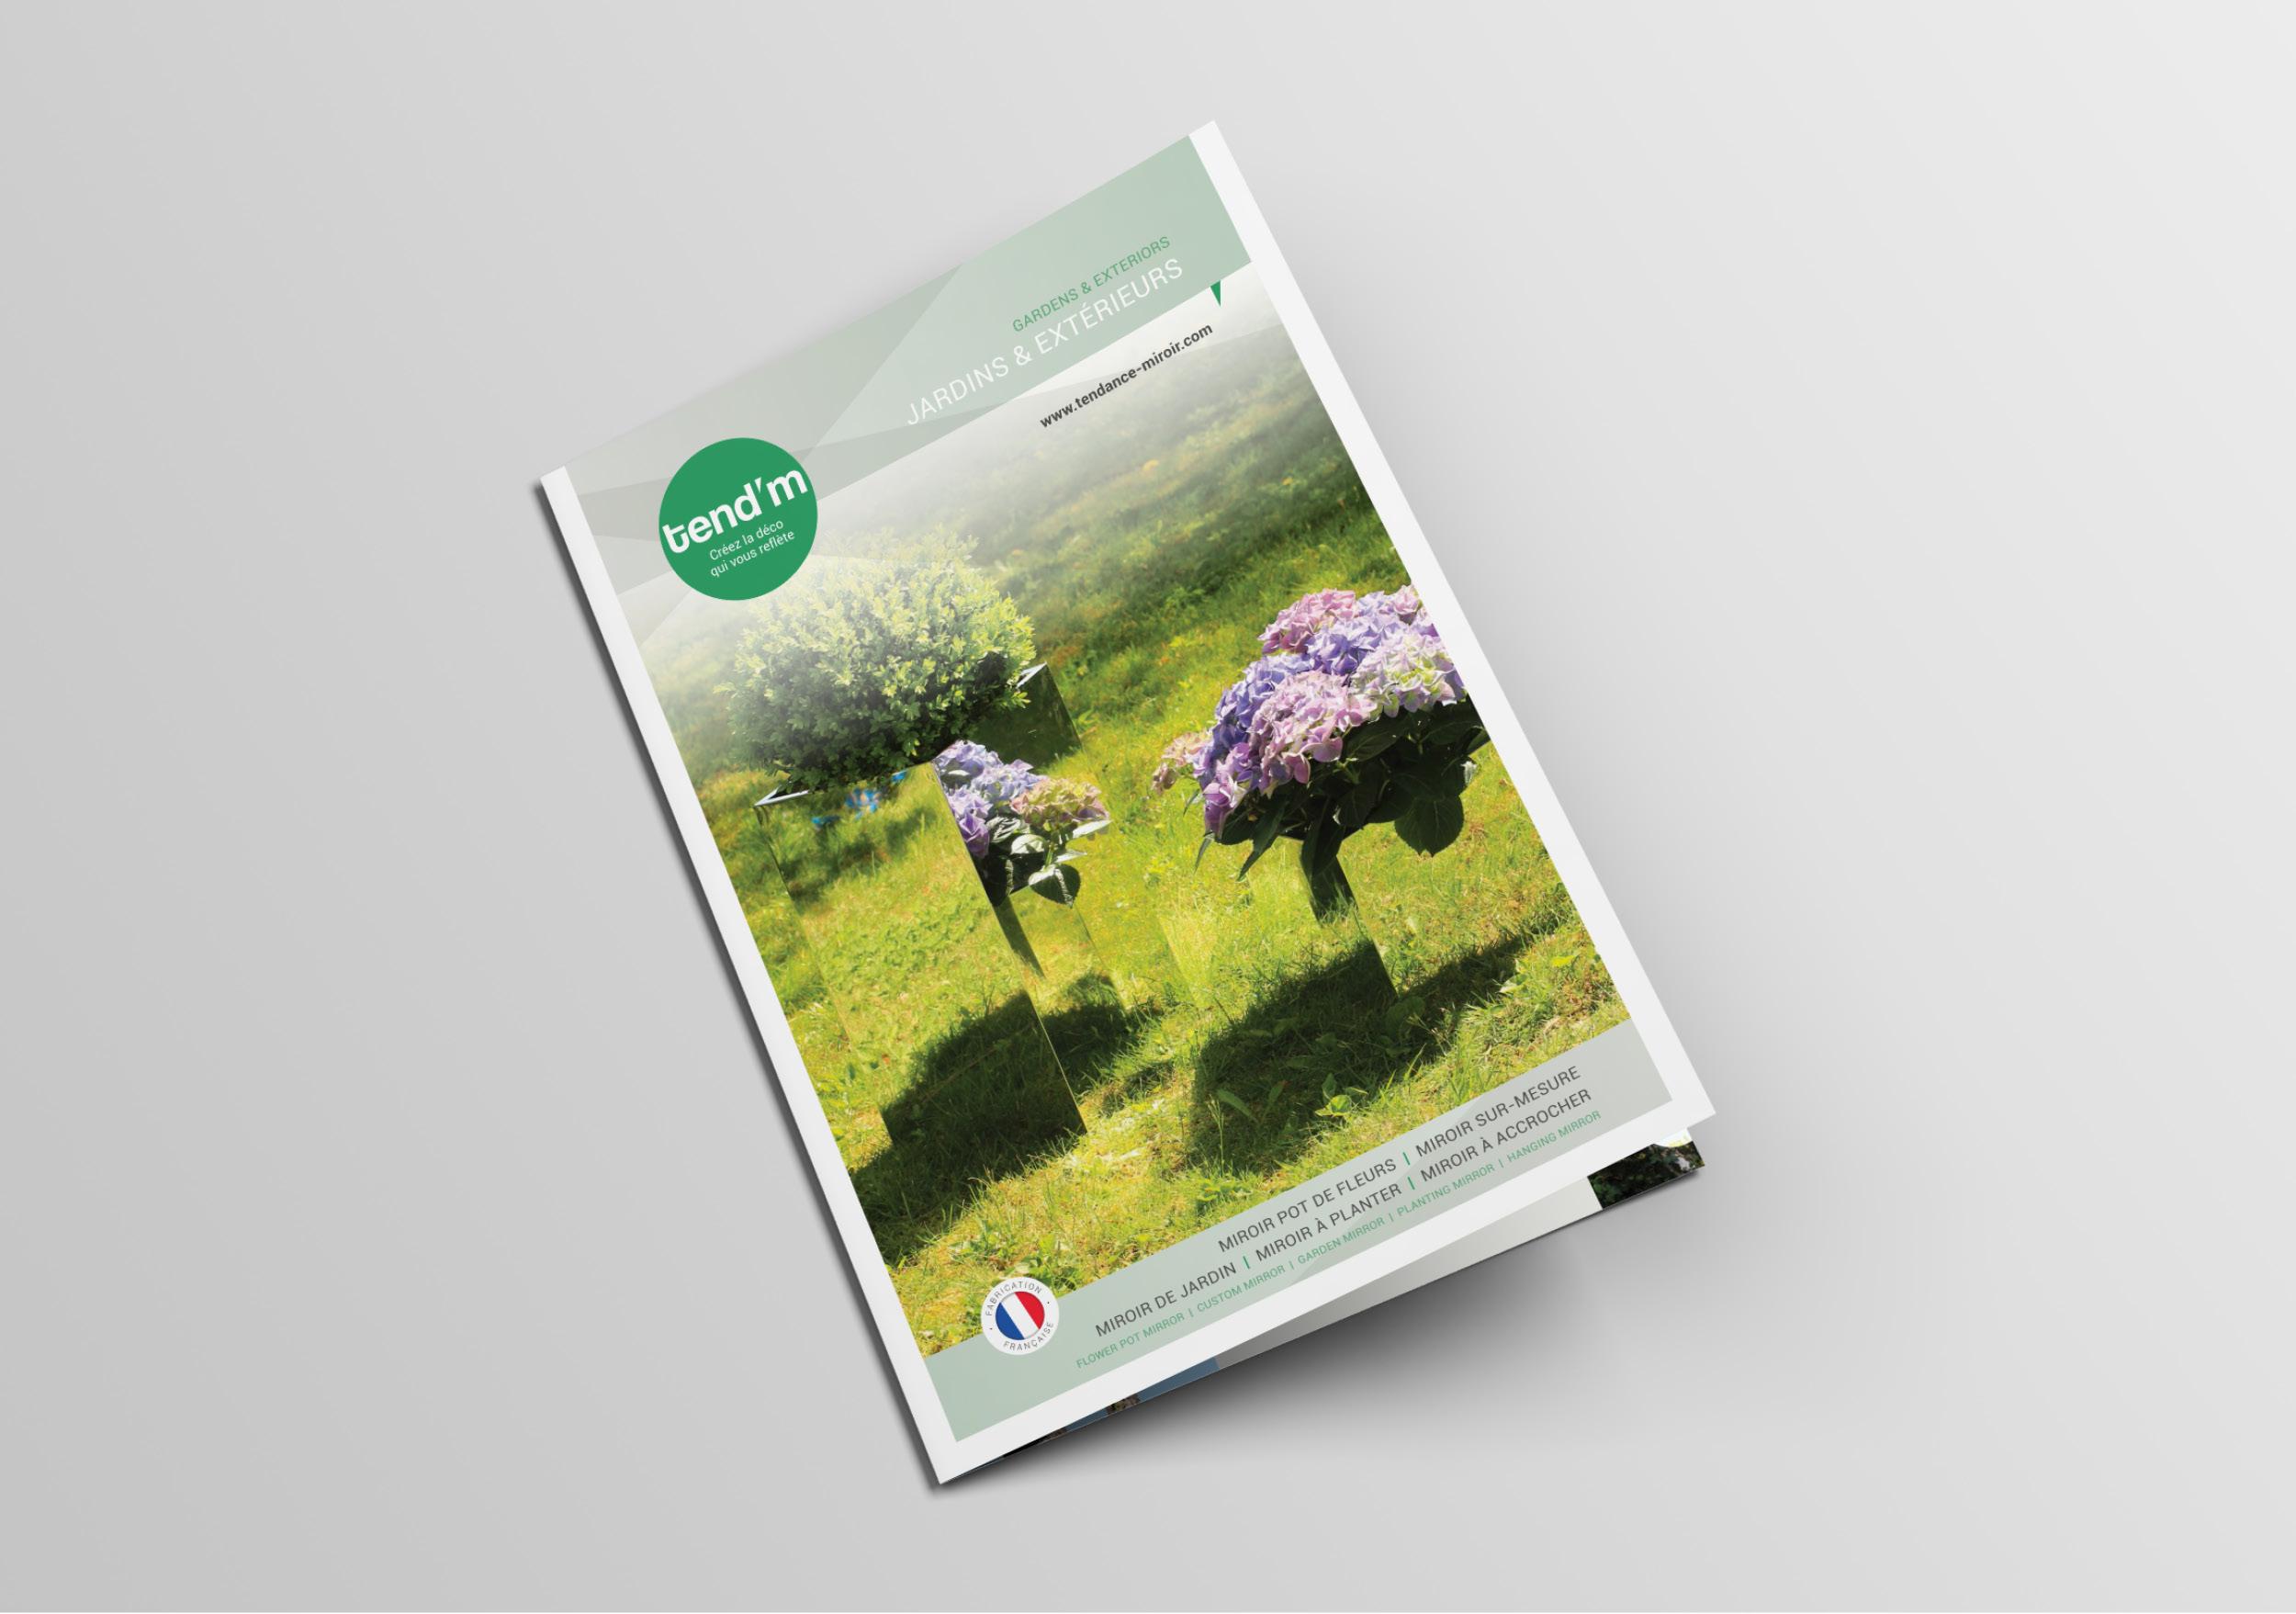 Création brochure Tendance Miroir design charte graphique communication marketing